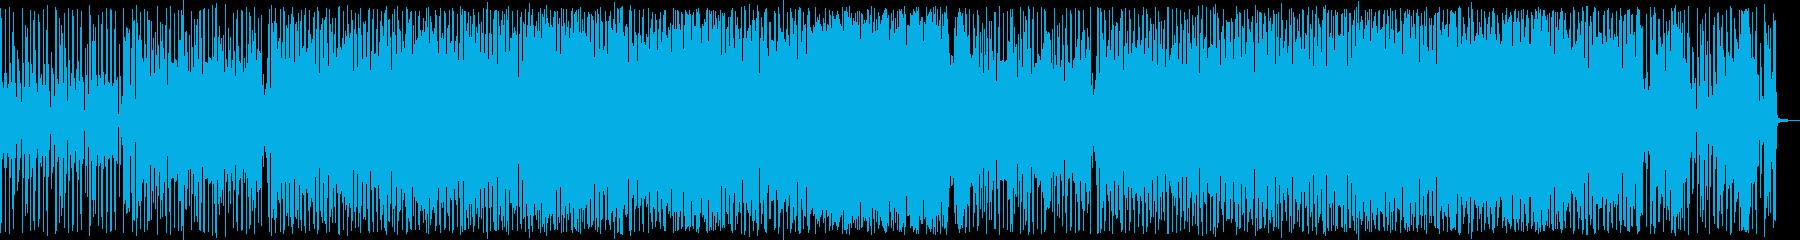 洗練された都会のクールなディスコサウンドの再生済みの波形